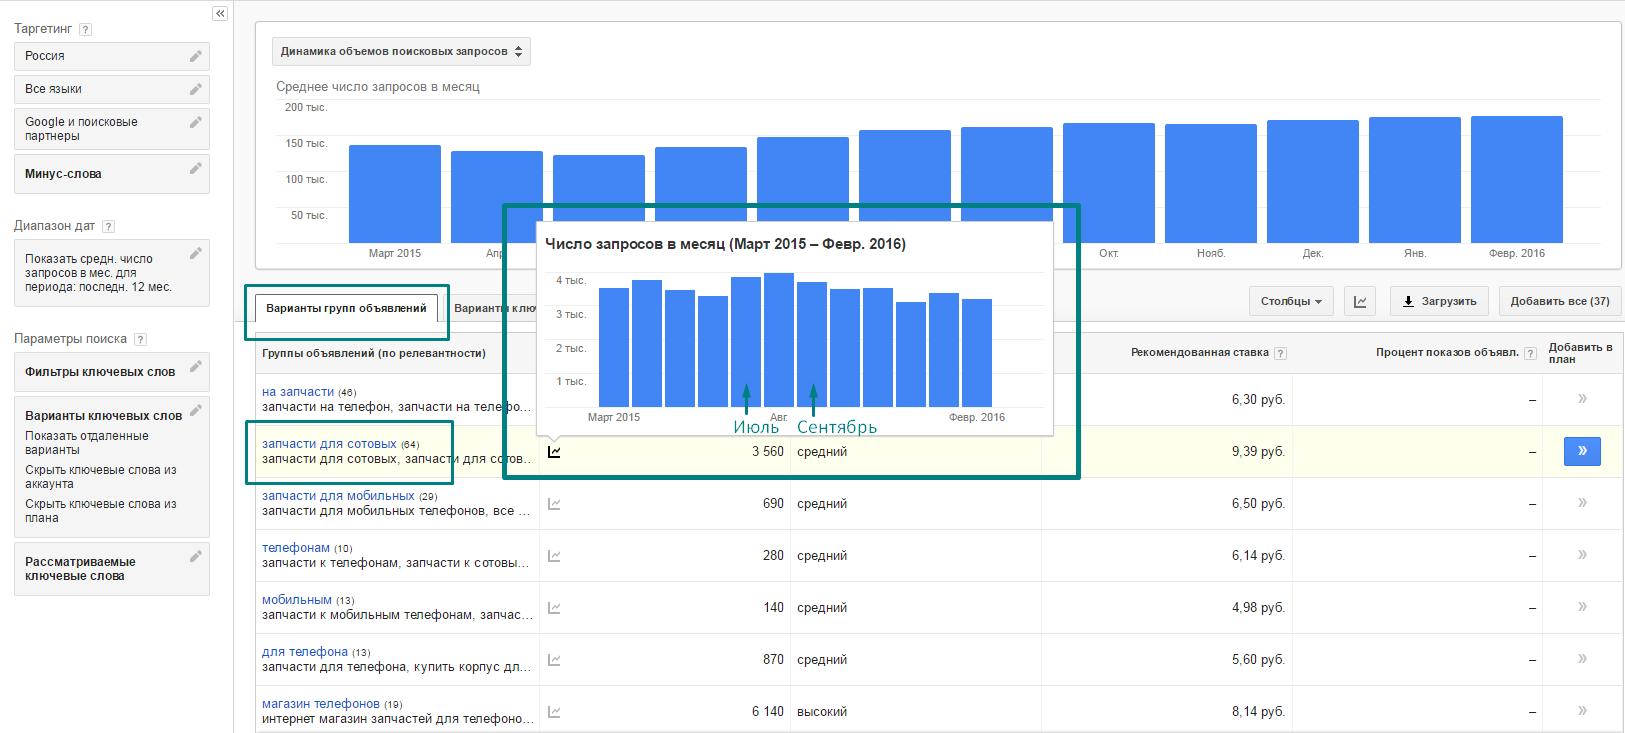 График объемов поисковых запросов по месяцам